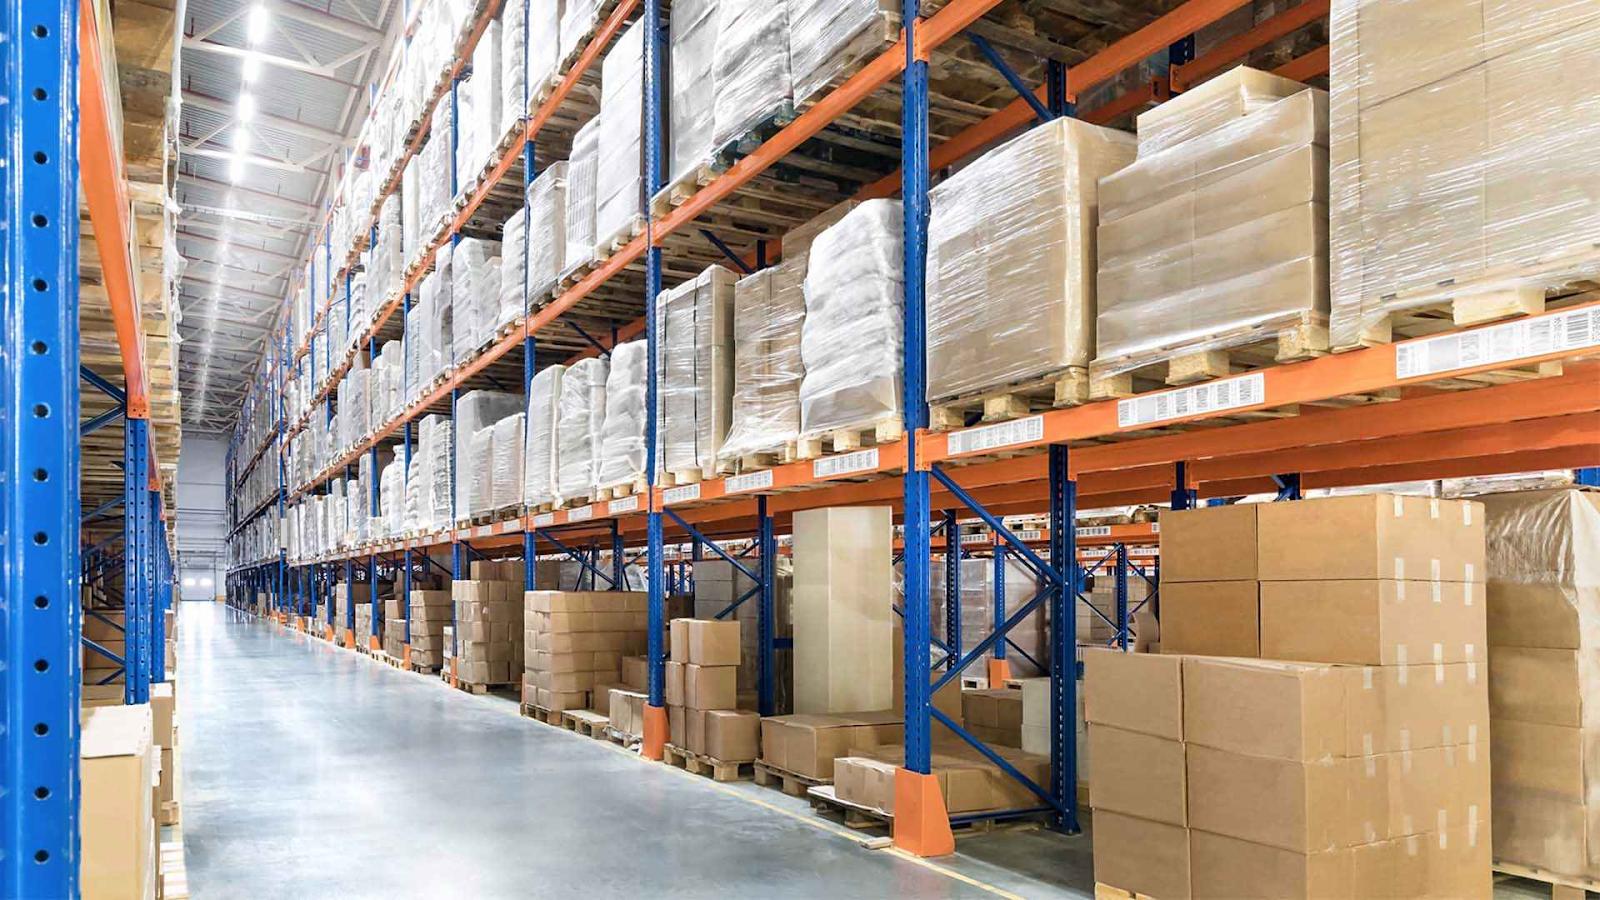 Dịch vụ lưu kho trong giao hàng giá rẻ tại hà nội là gì